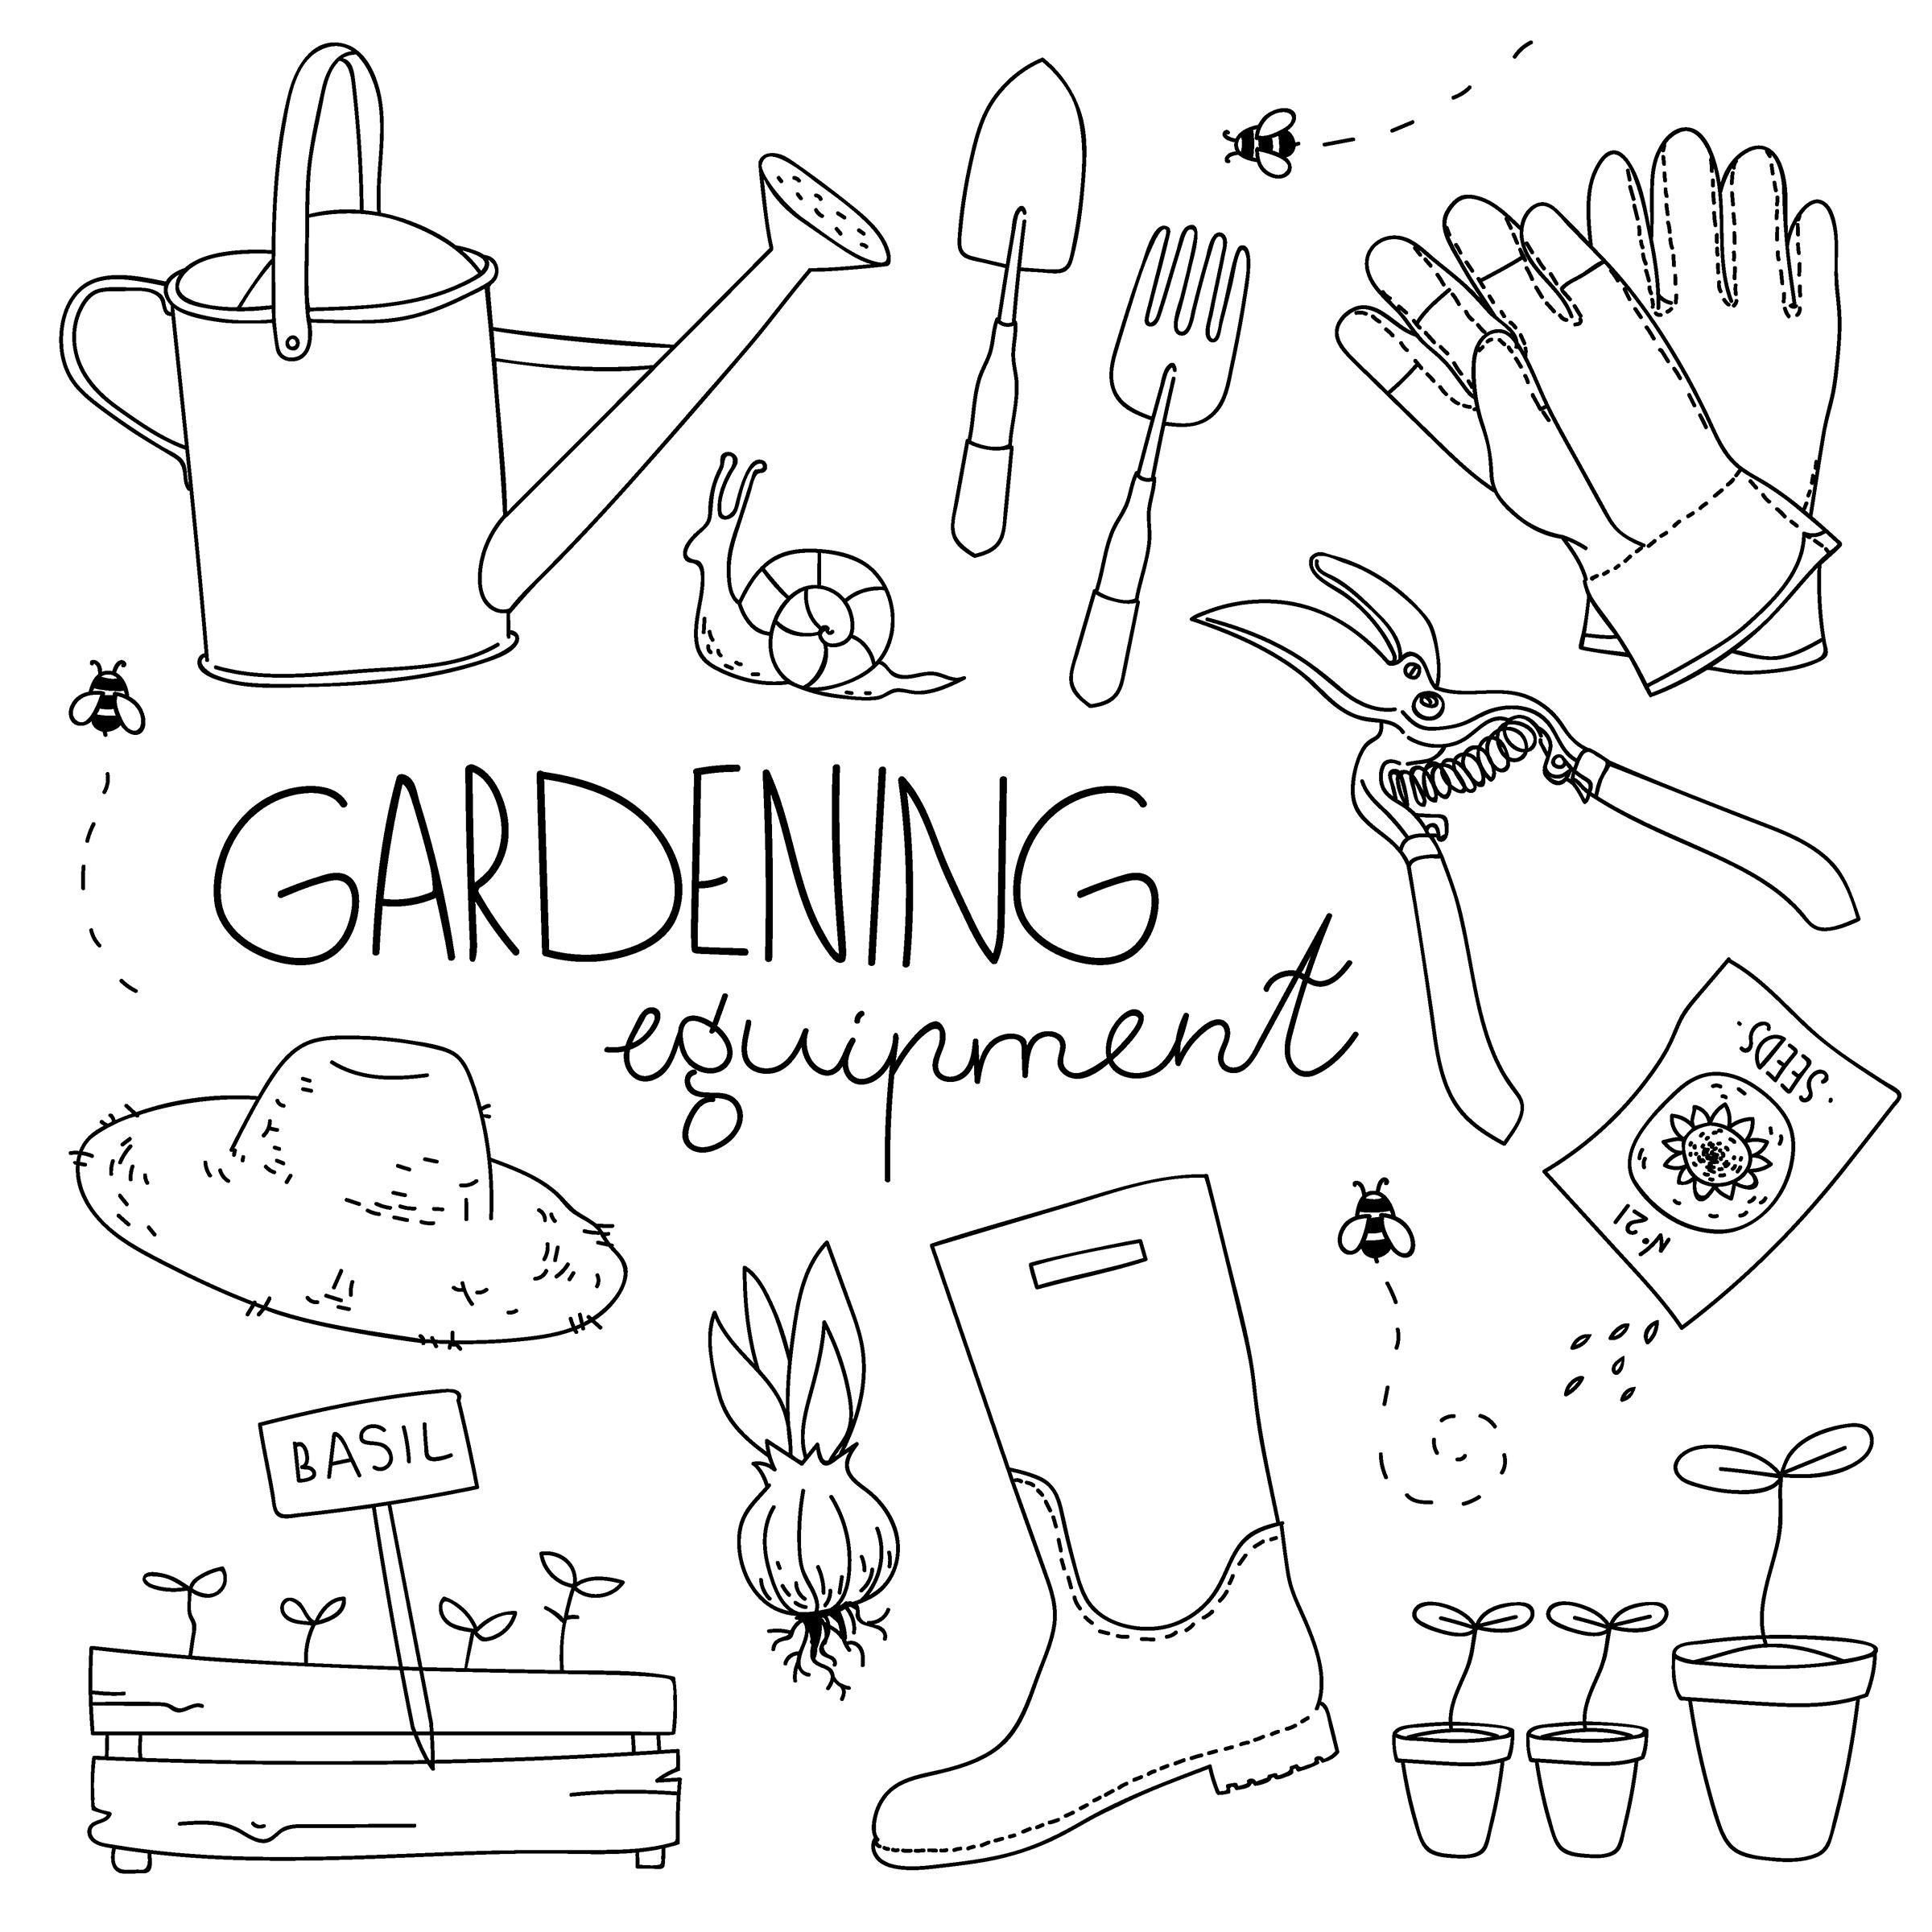 Nicht nur Gärtner brauchen Werkzeuge zur Pflege, SCM Führung ebenfalls